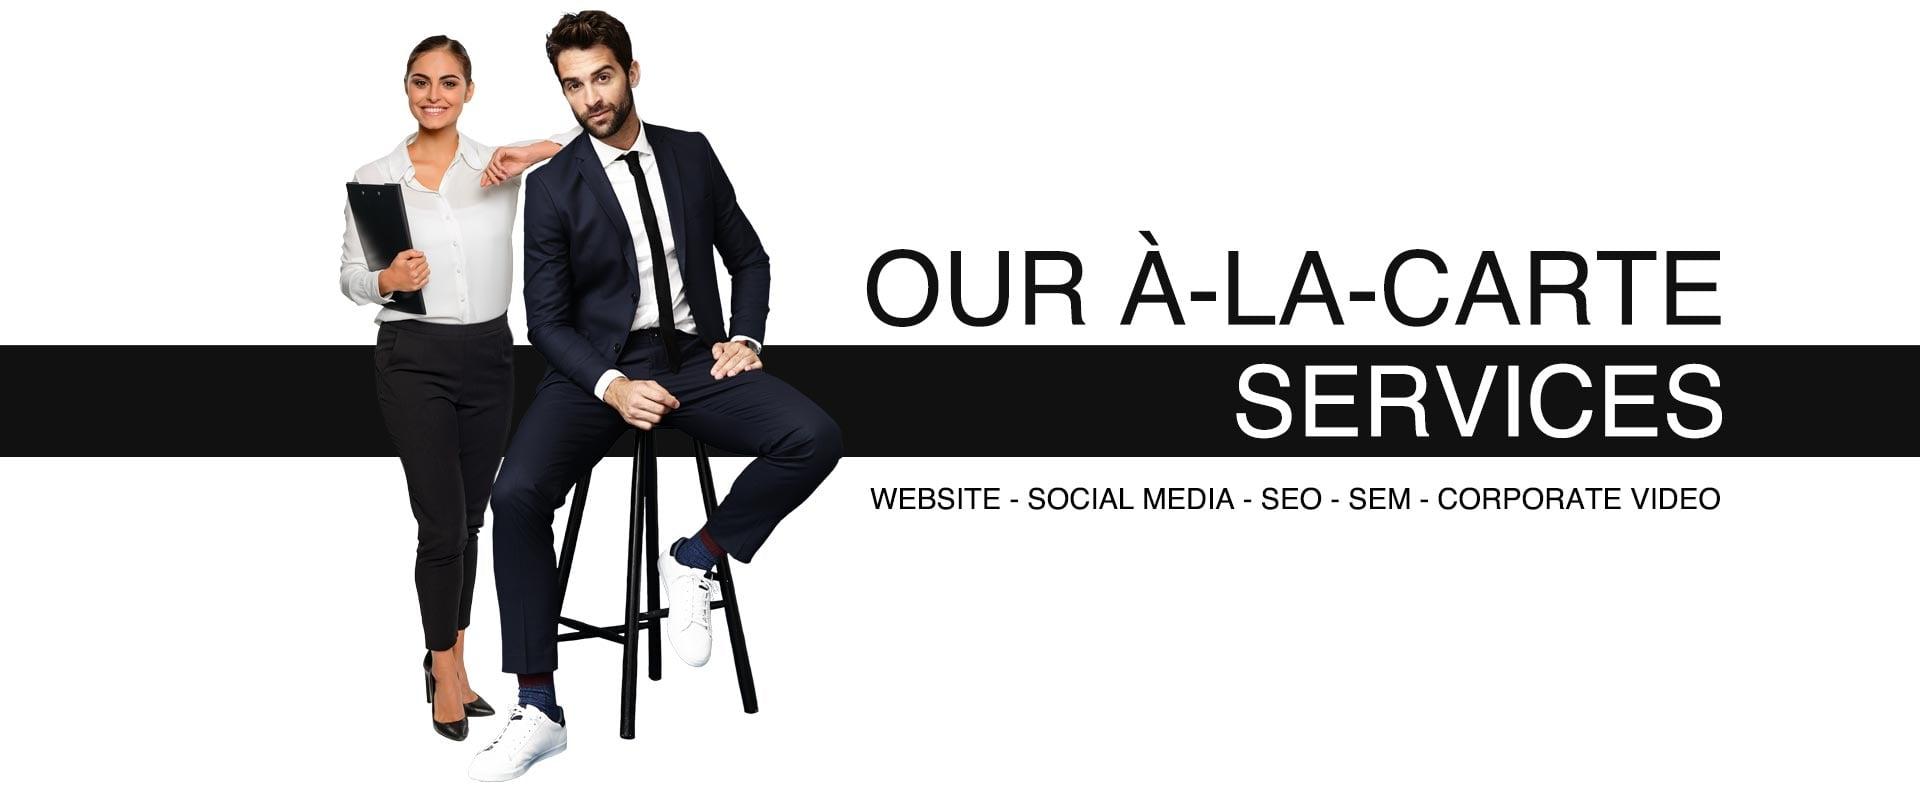 fute marketing web marketing strategy services laurentians 1920x800 004 - Our À-La-Carte Services - Futé Marketing